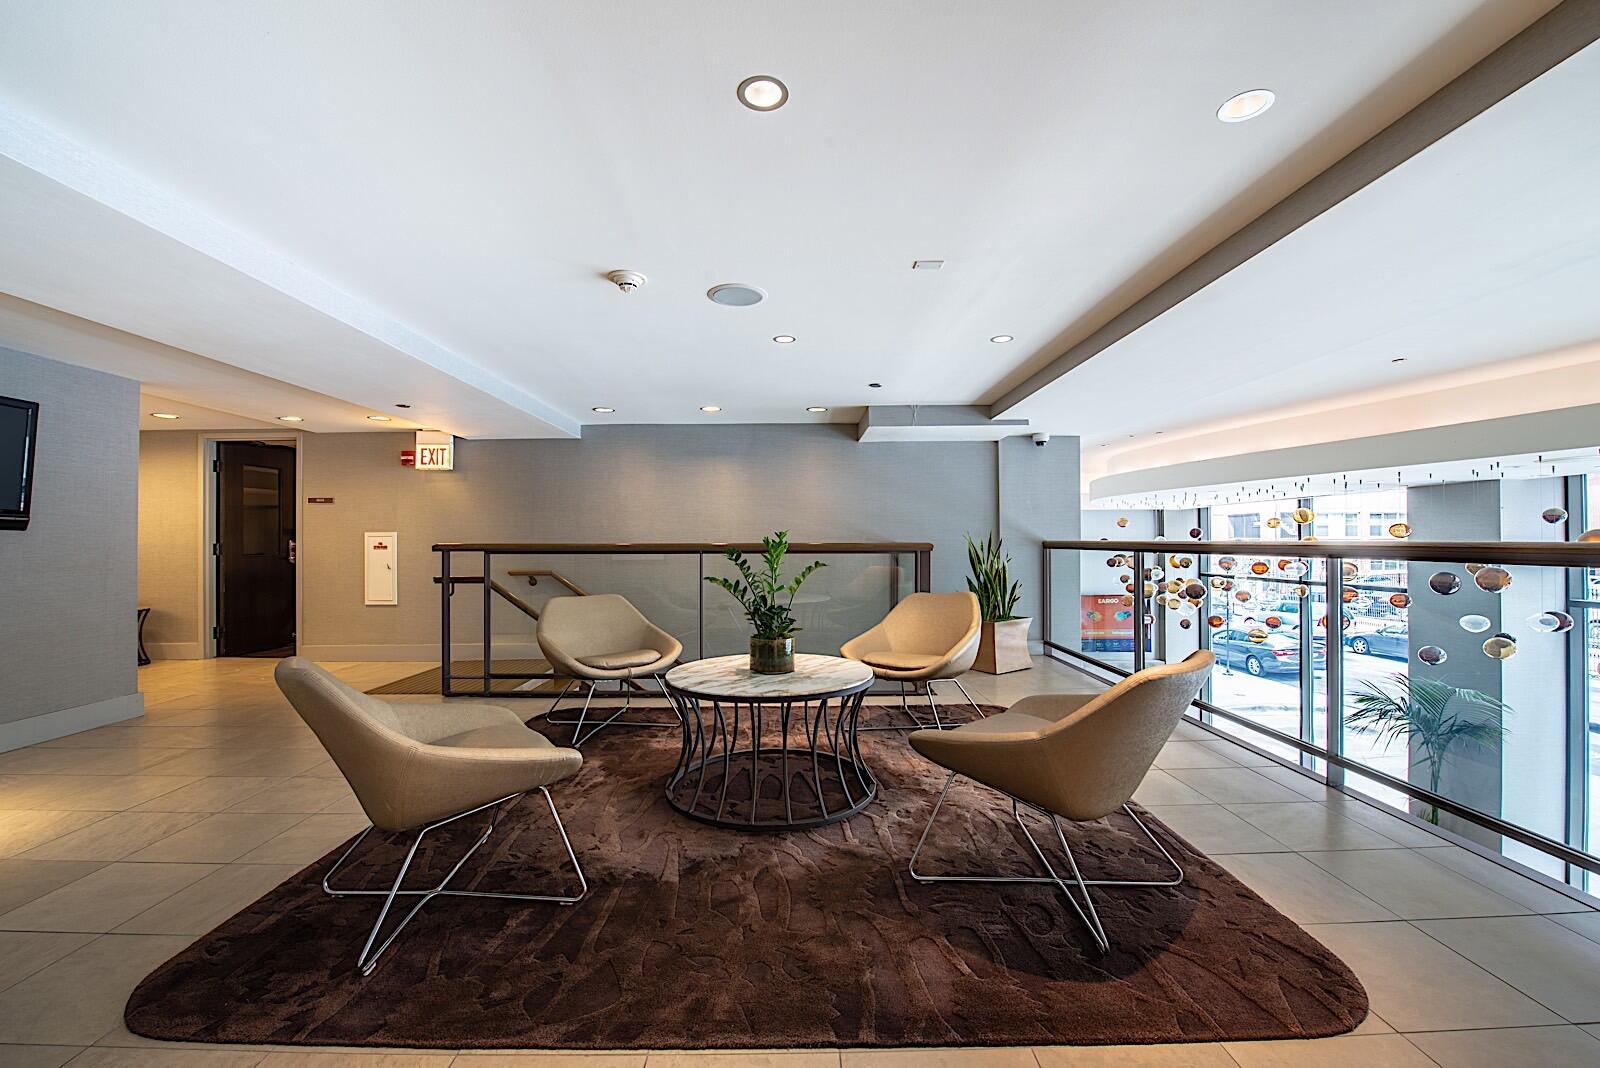 mezzanine seating area